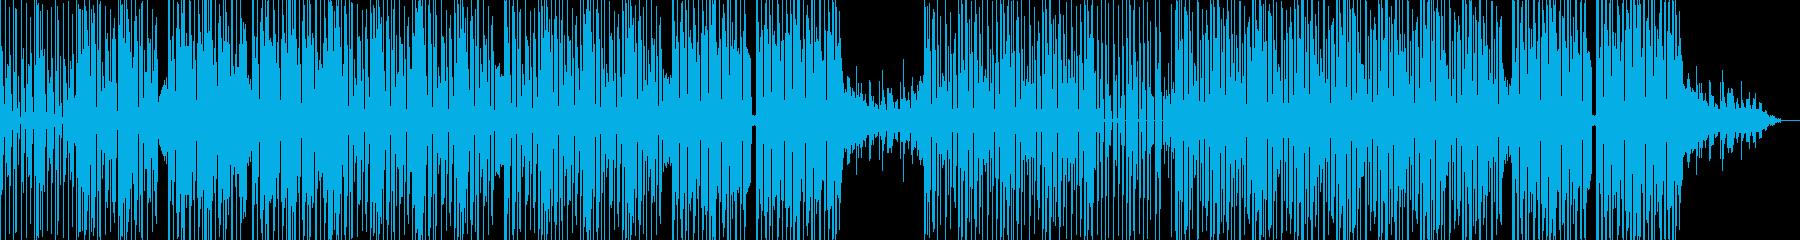 ファンキーなポップ/ダンストラック...の再生済みの波形